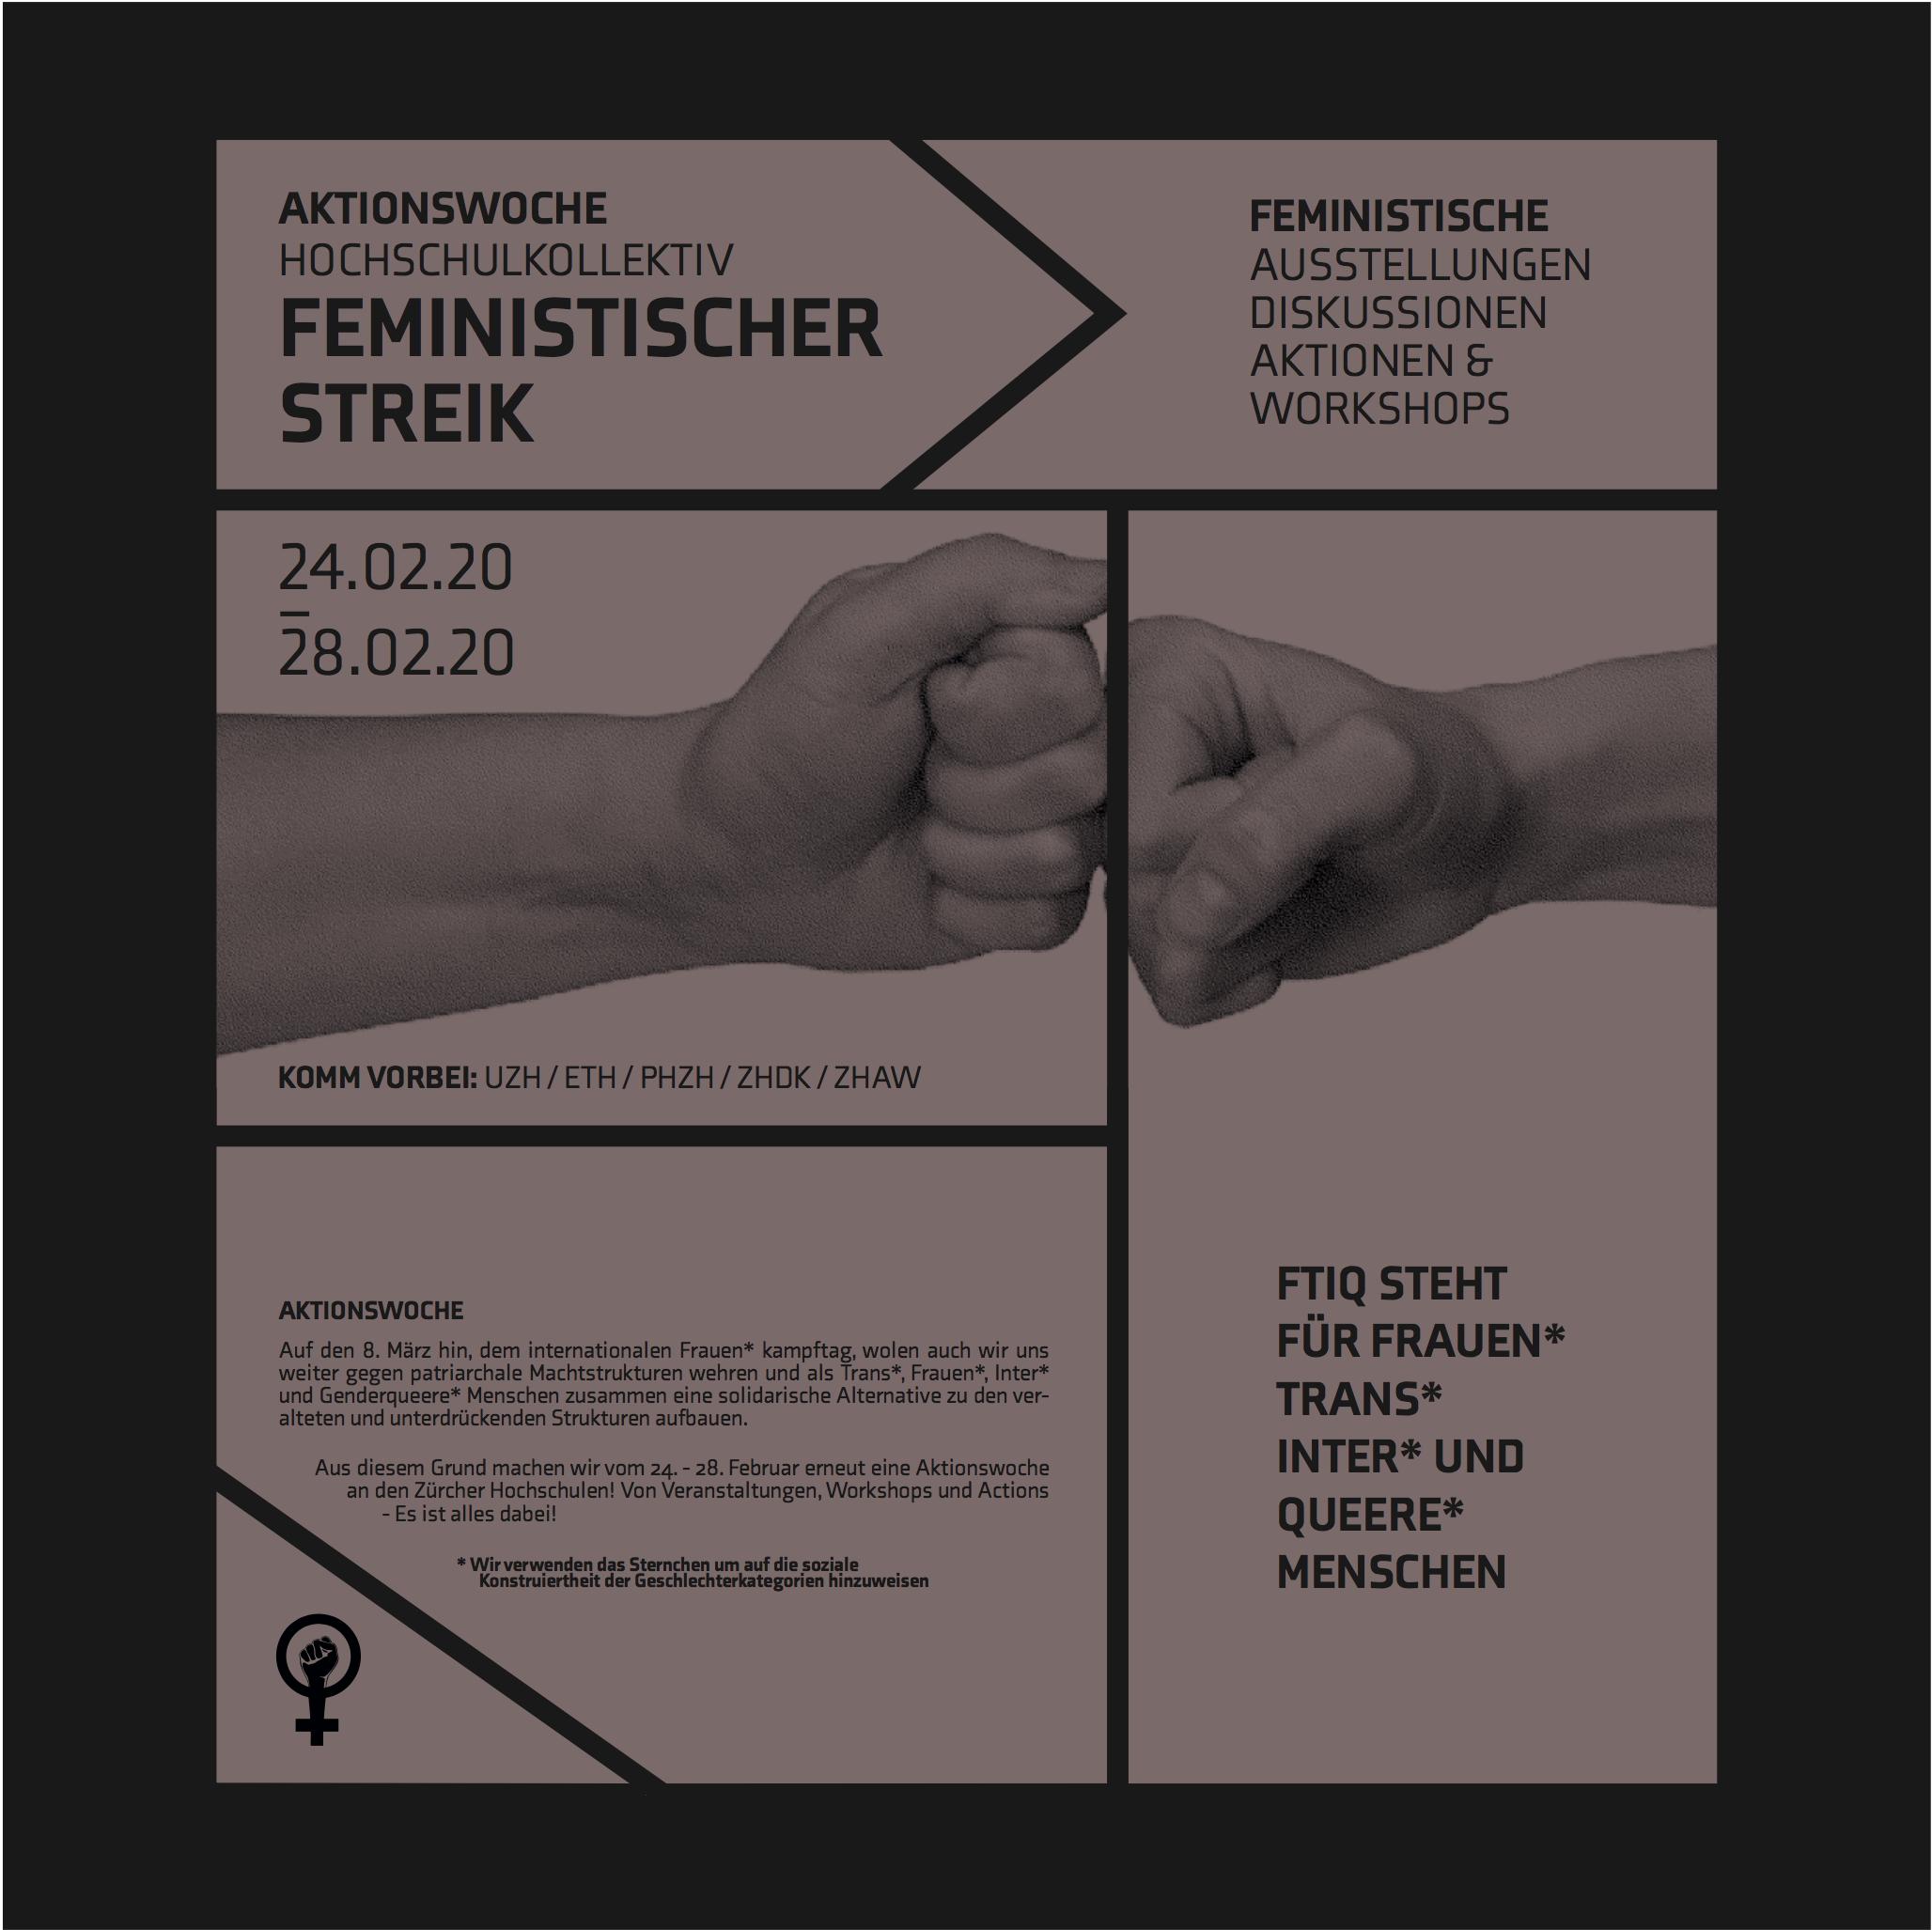 feministische Aktionswoche des hochschulkollektivs der zürcher Hochschulen